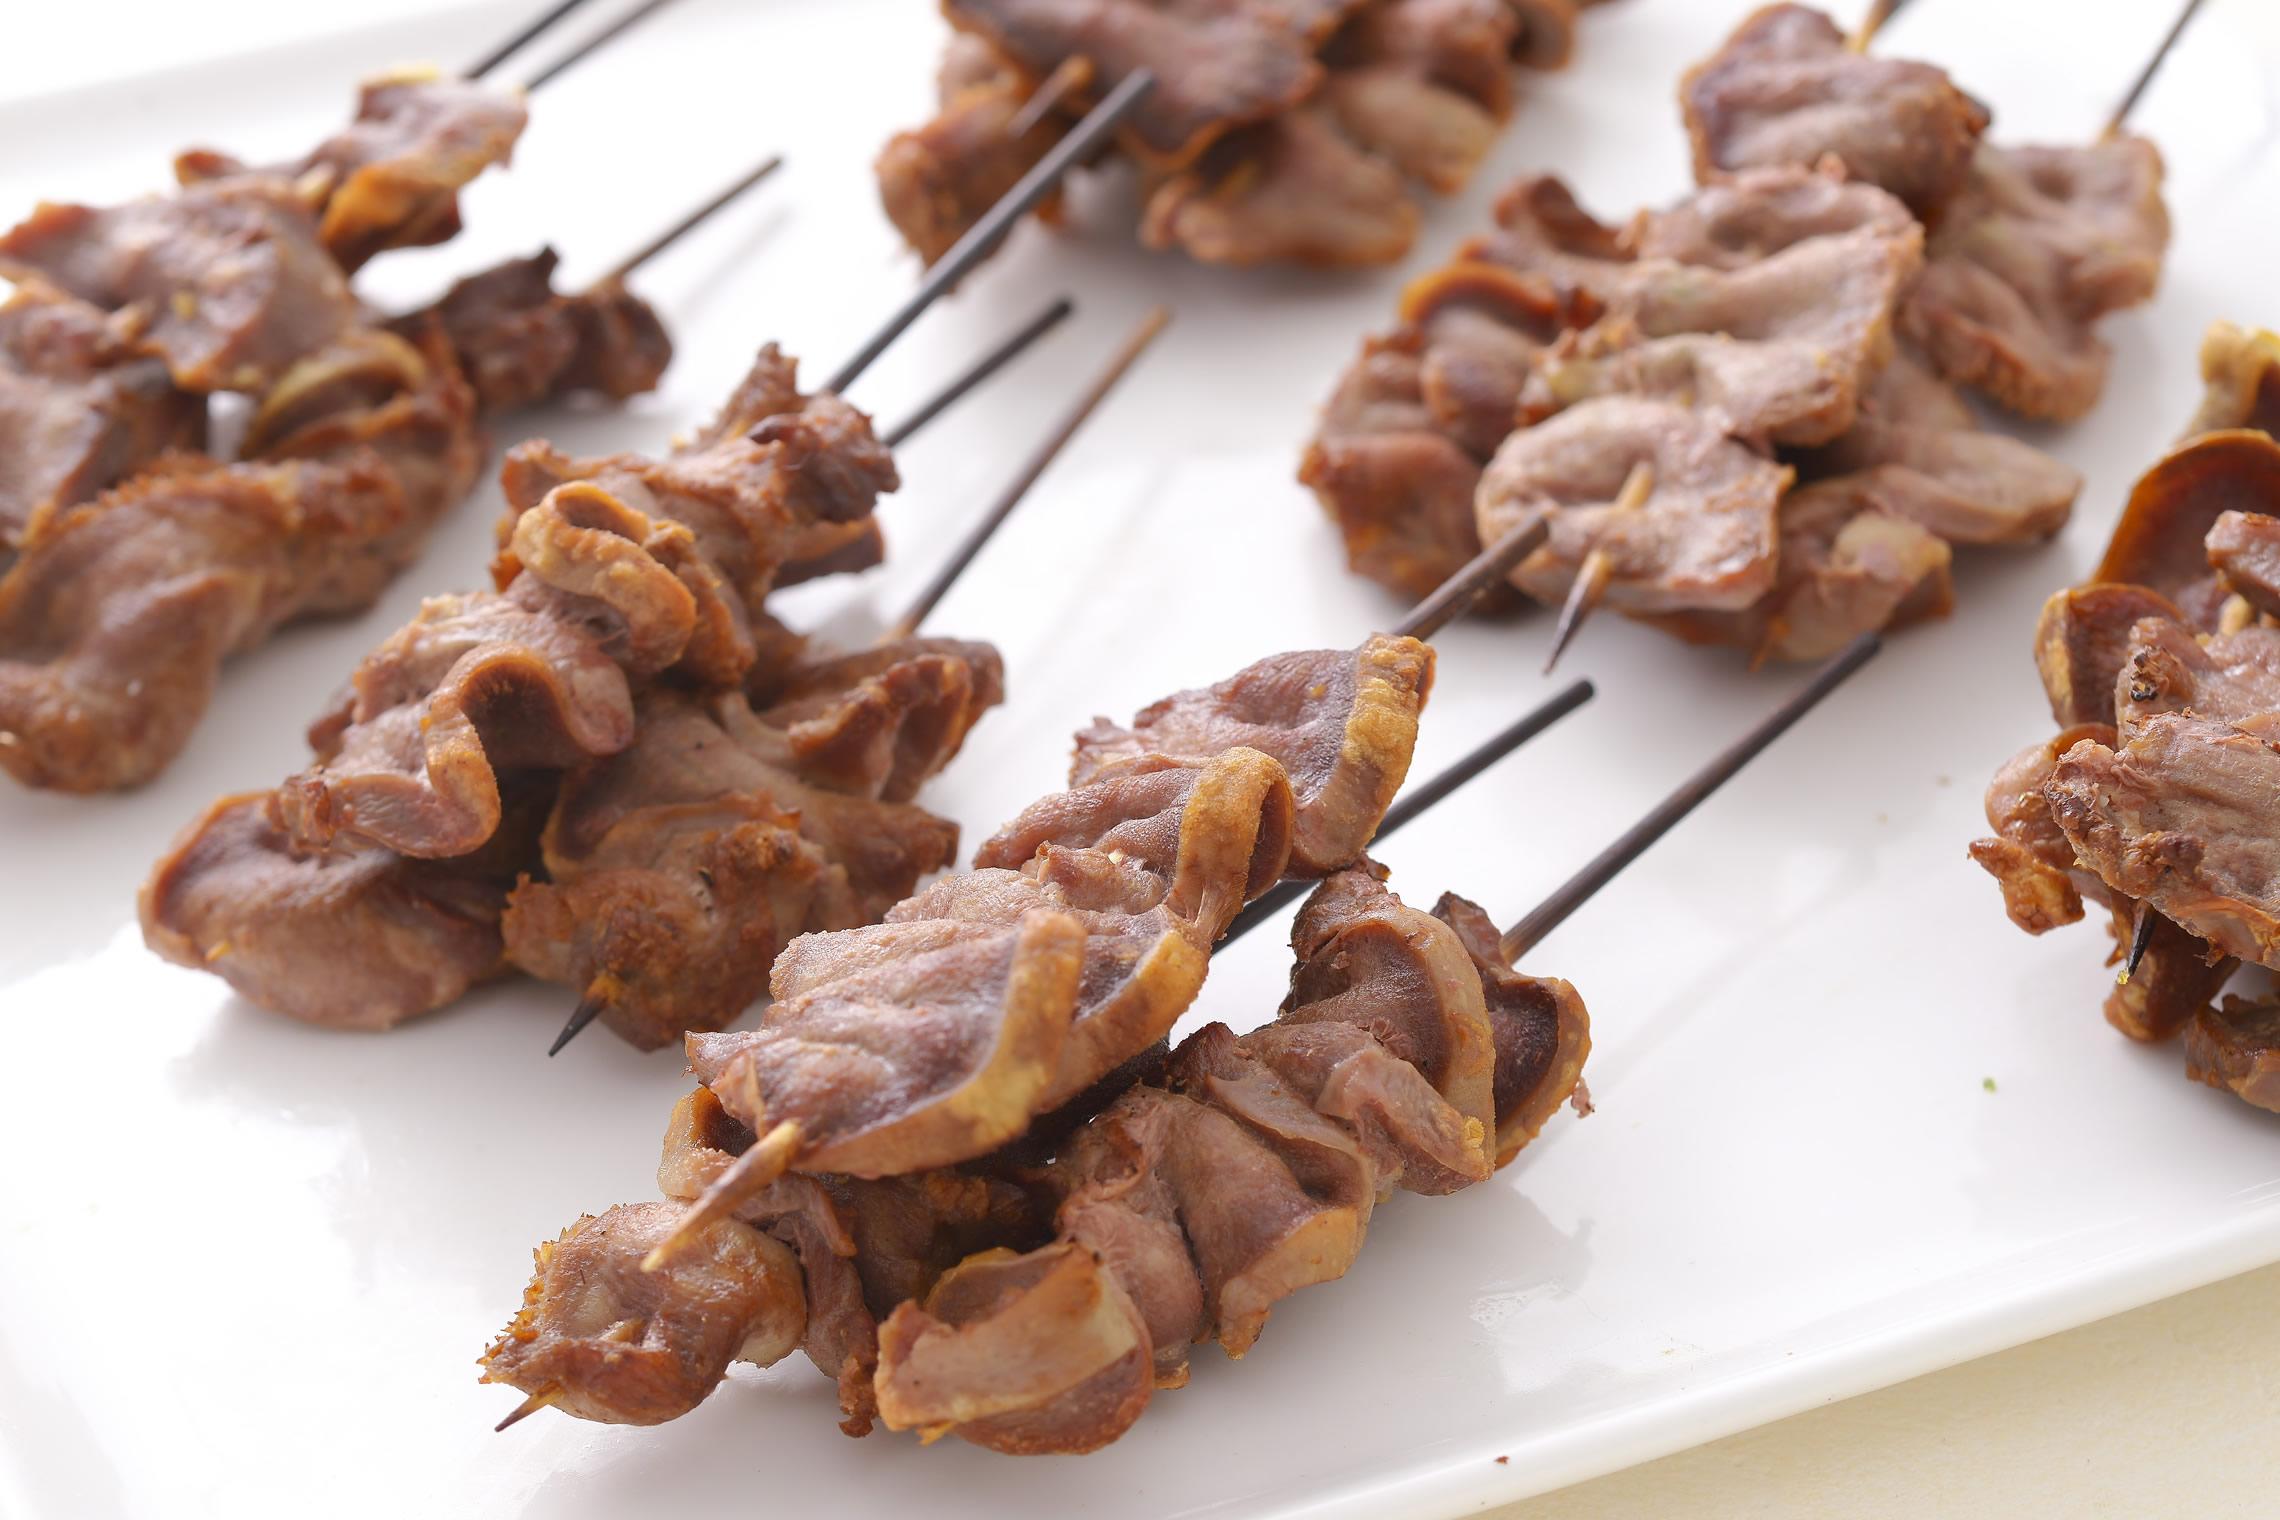 <p>豚タンを丸ごと燻製にし、一口大にカットすることで、コリコリした(鶏の砂肝のような)食感。ビールとの相性抜群です。</p>